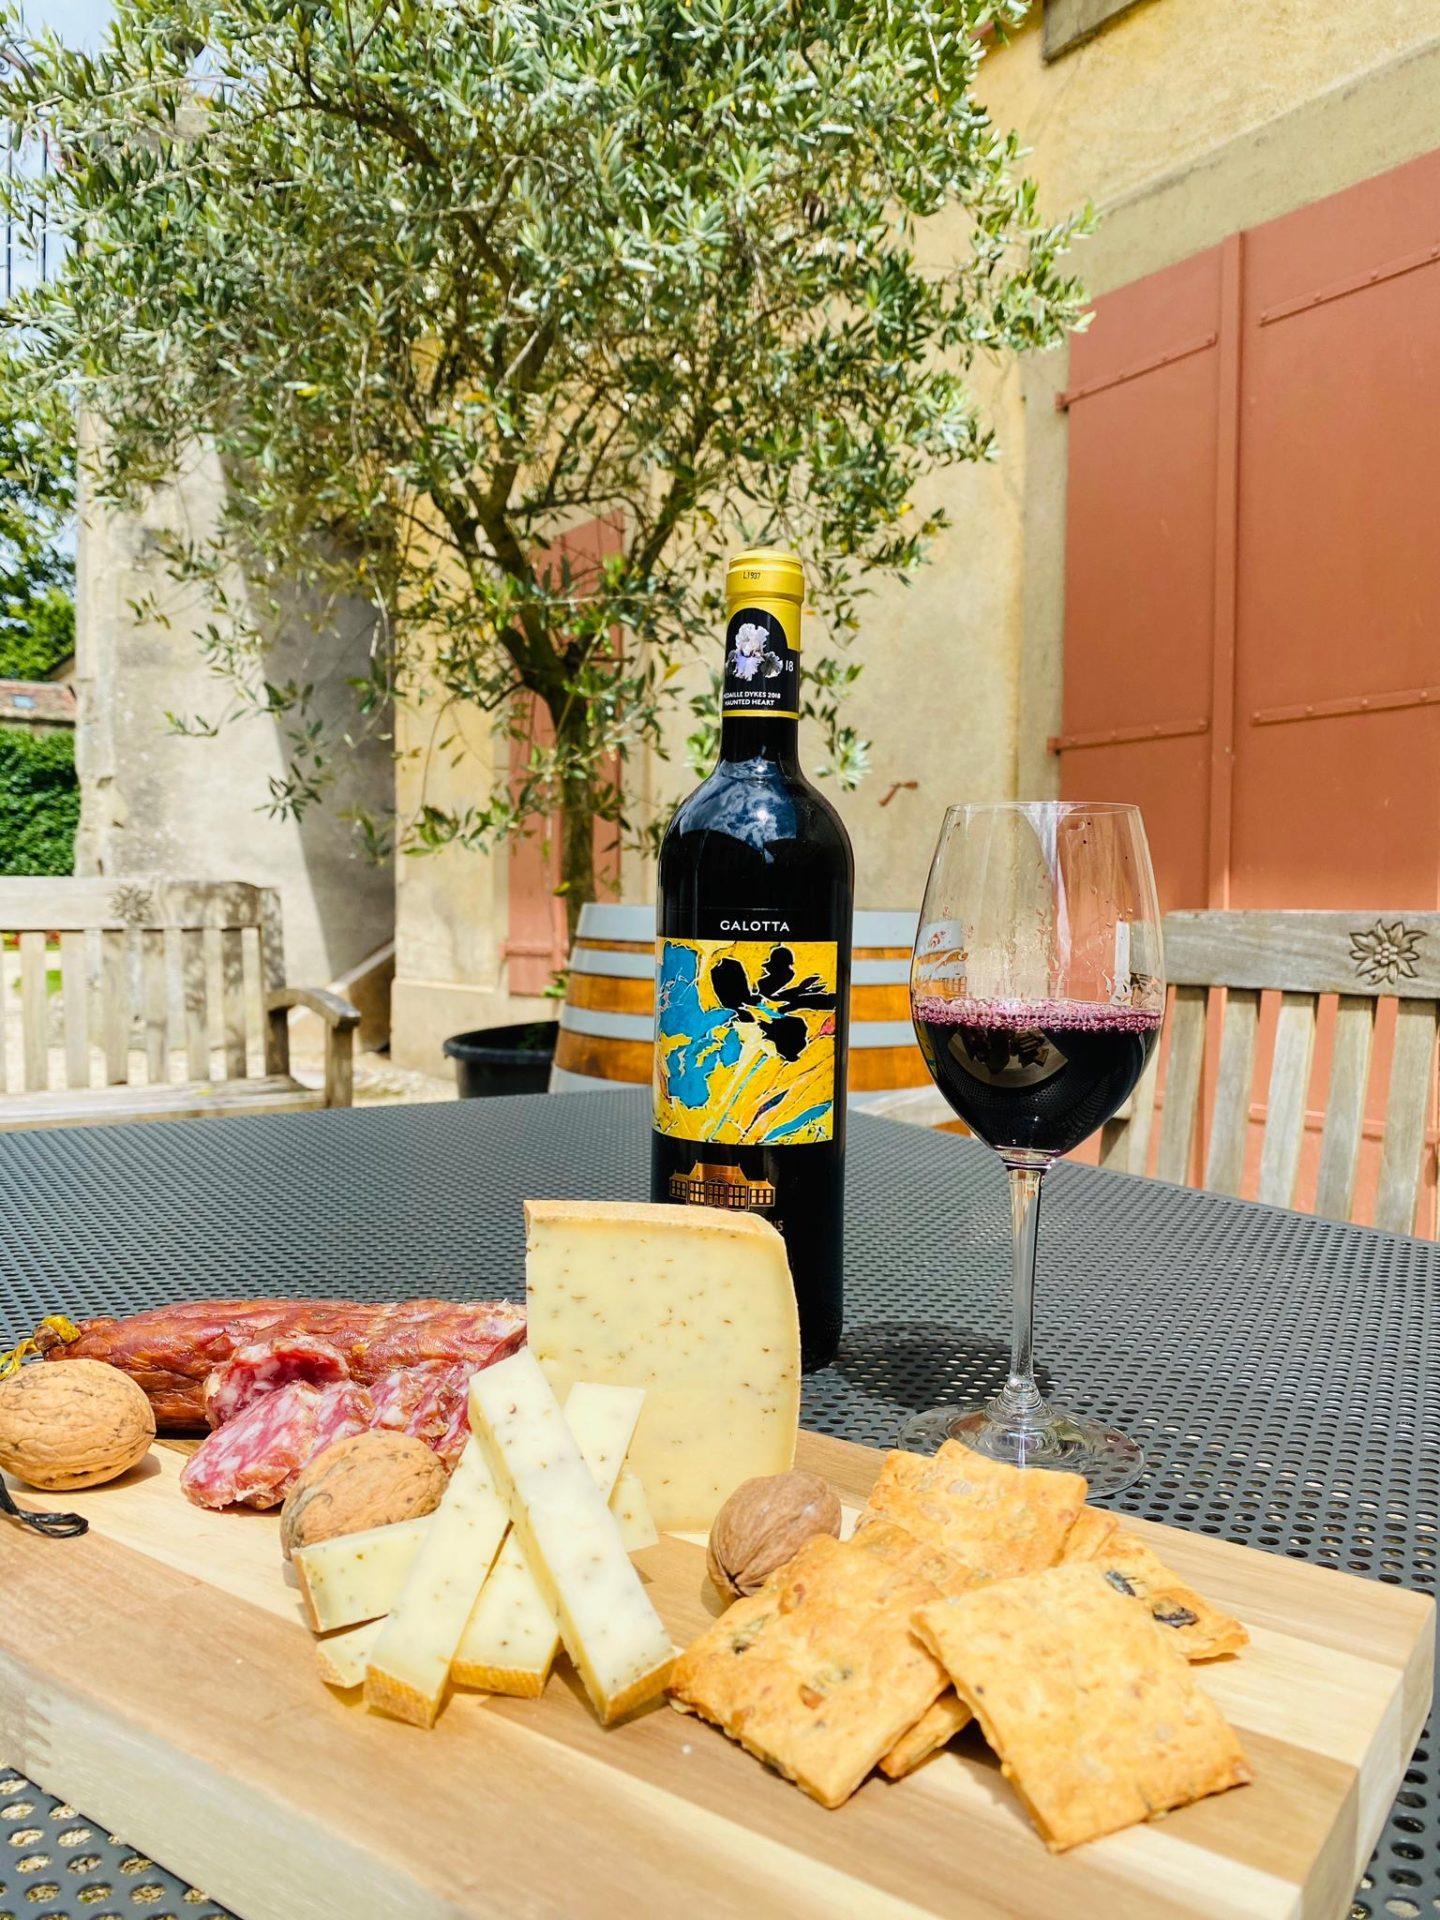 IMG 7222 scaled - Dégustation des vins du domaine possible dans les caves historiques du Château!